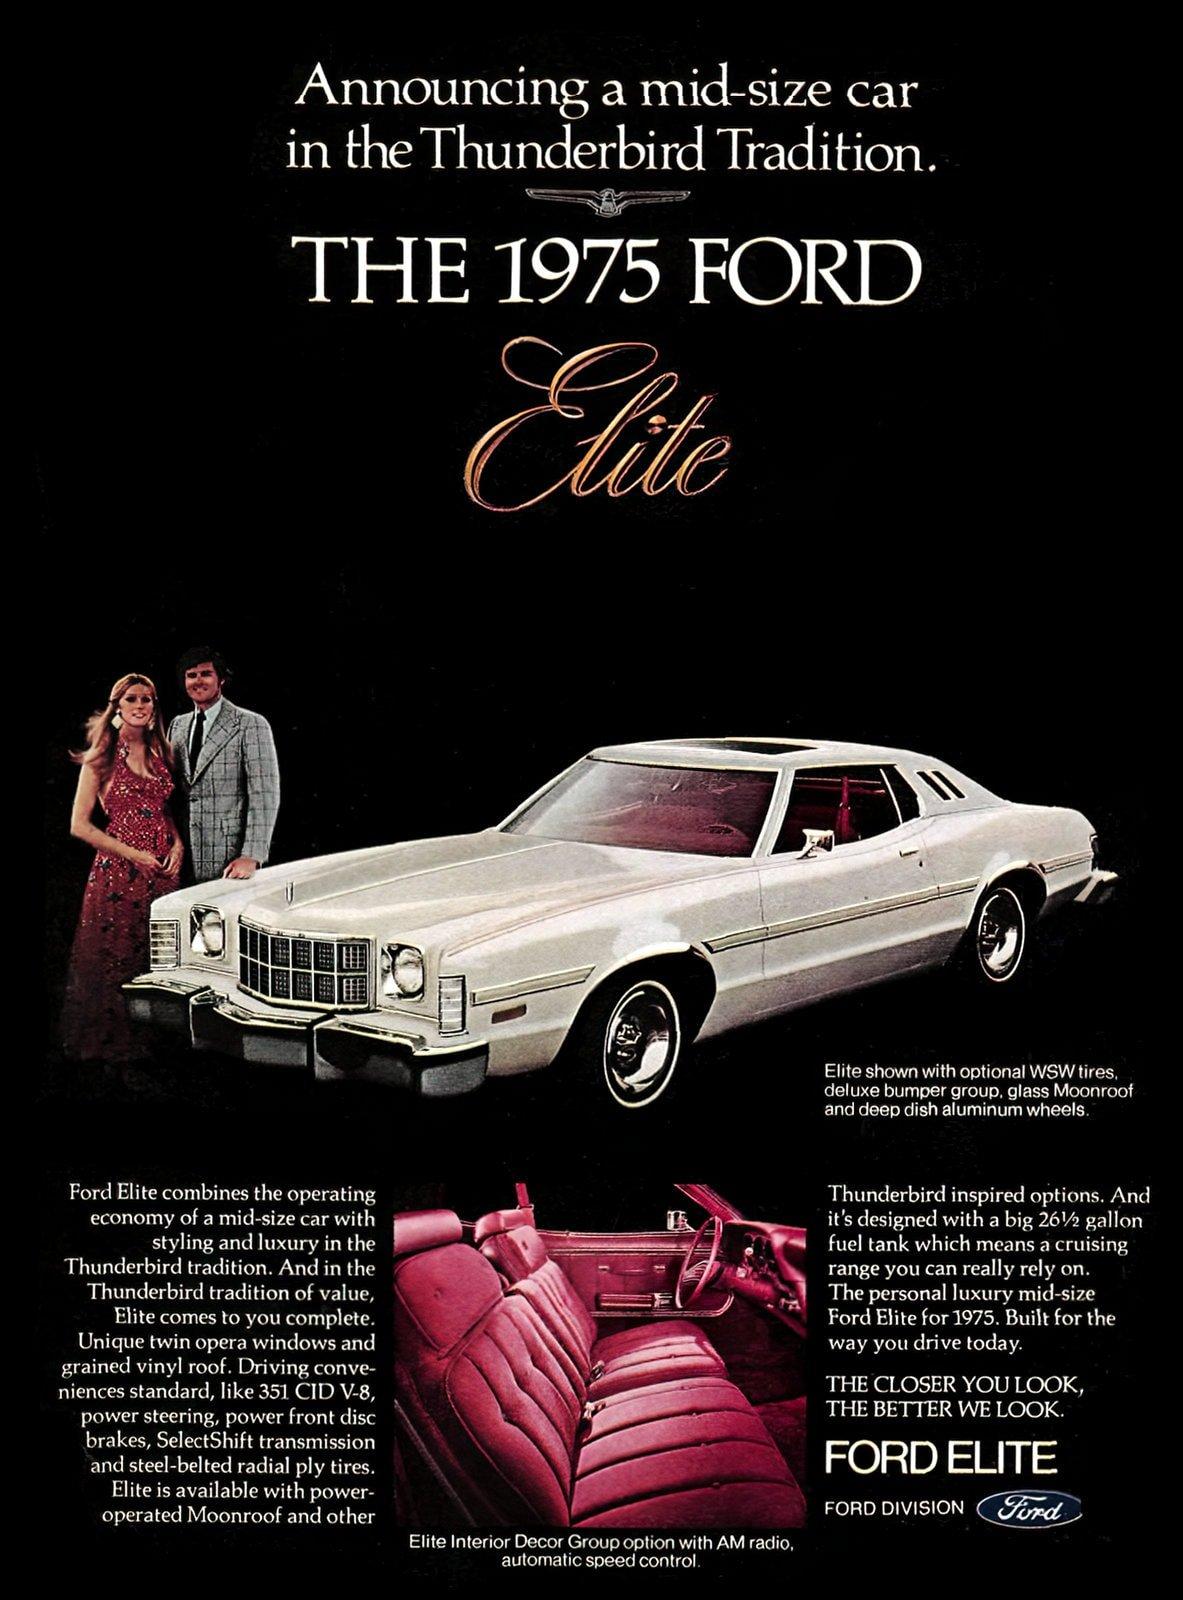 1975 Ford Elite cars